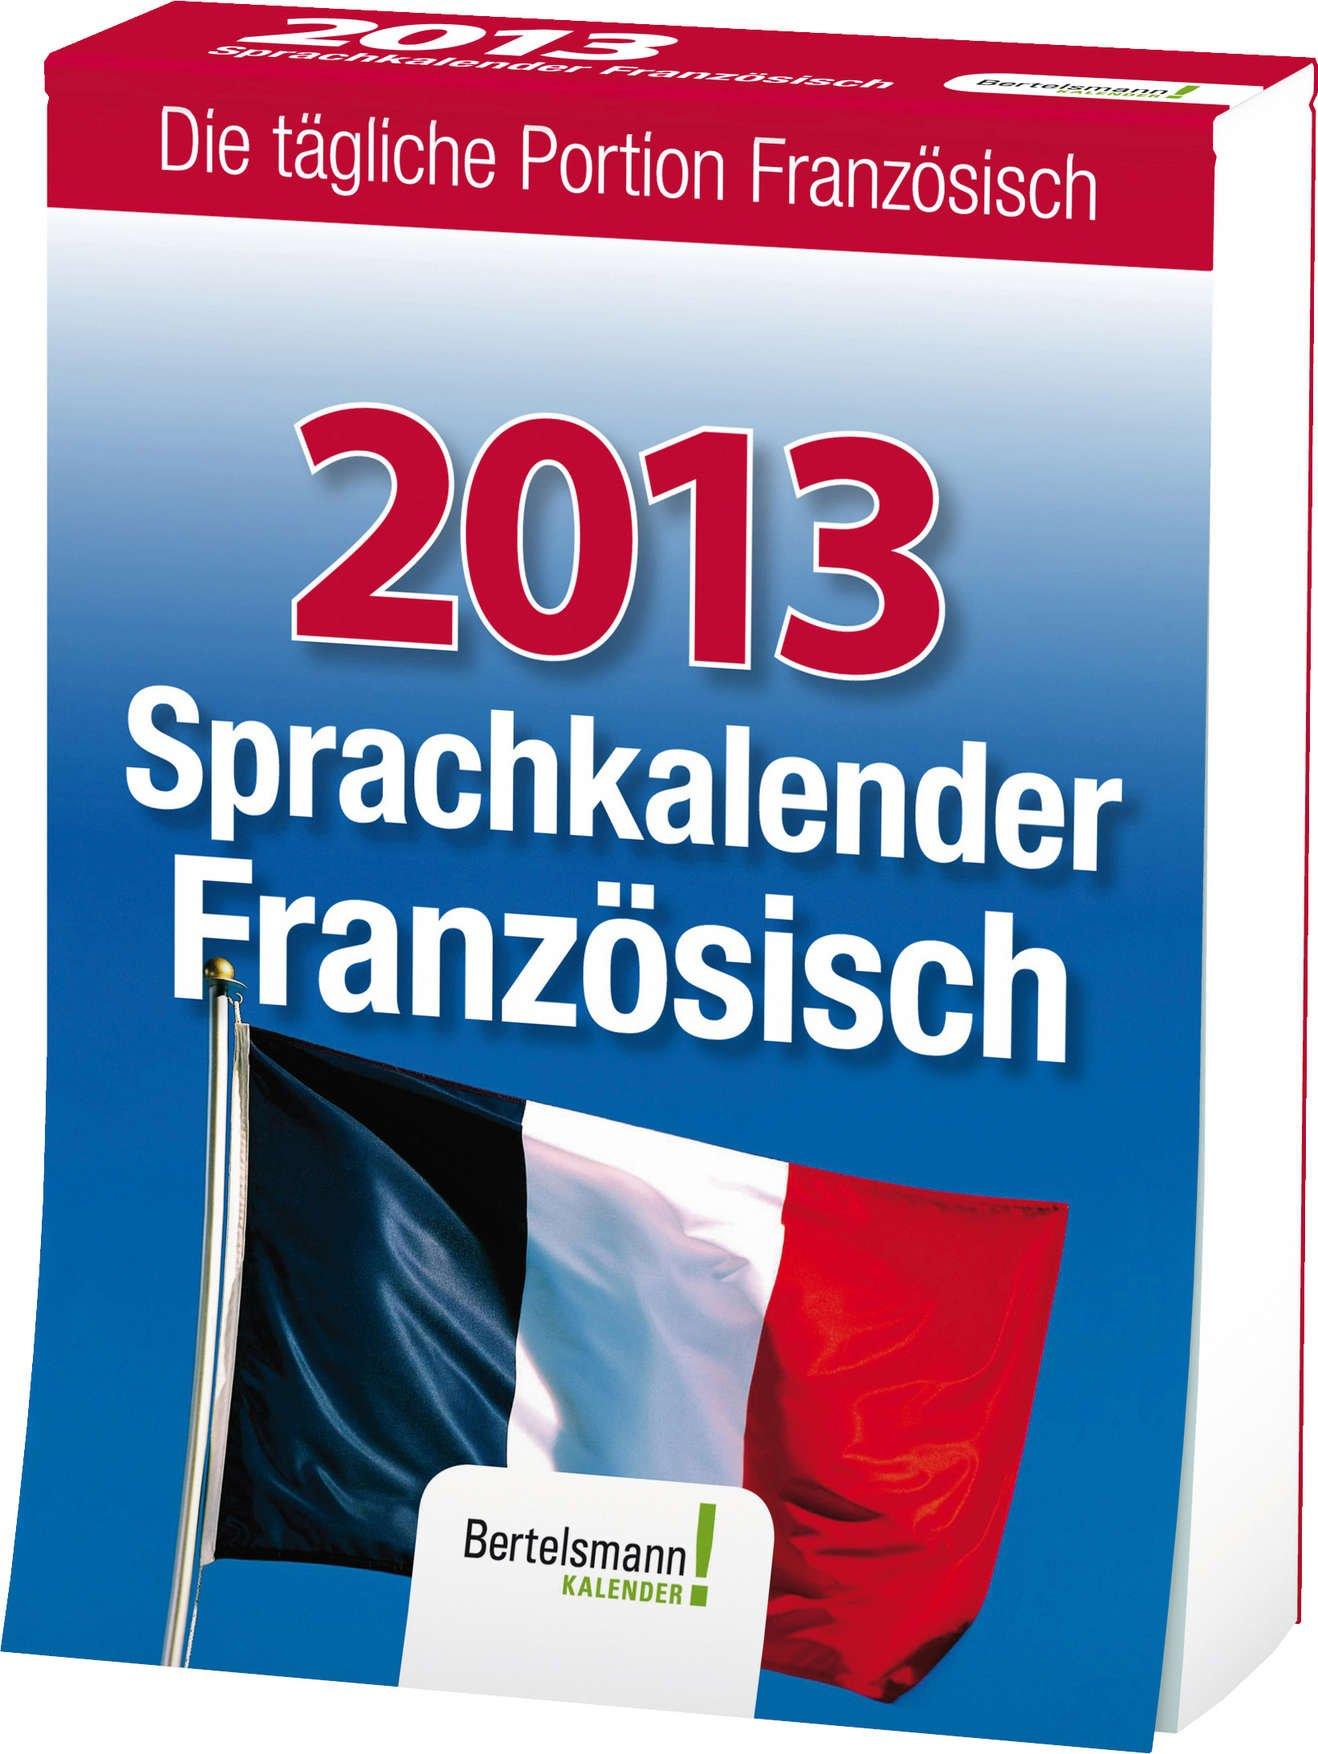 Sprachkalender Französisch 2013